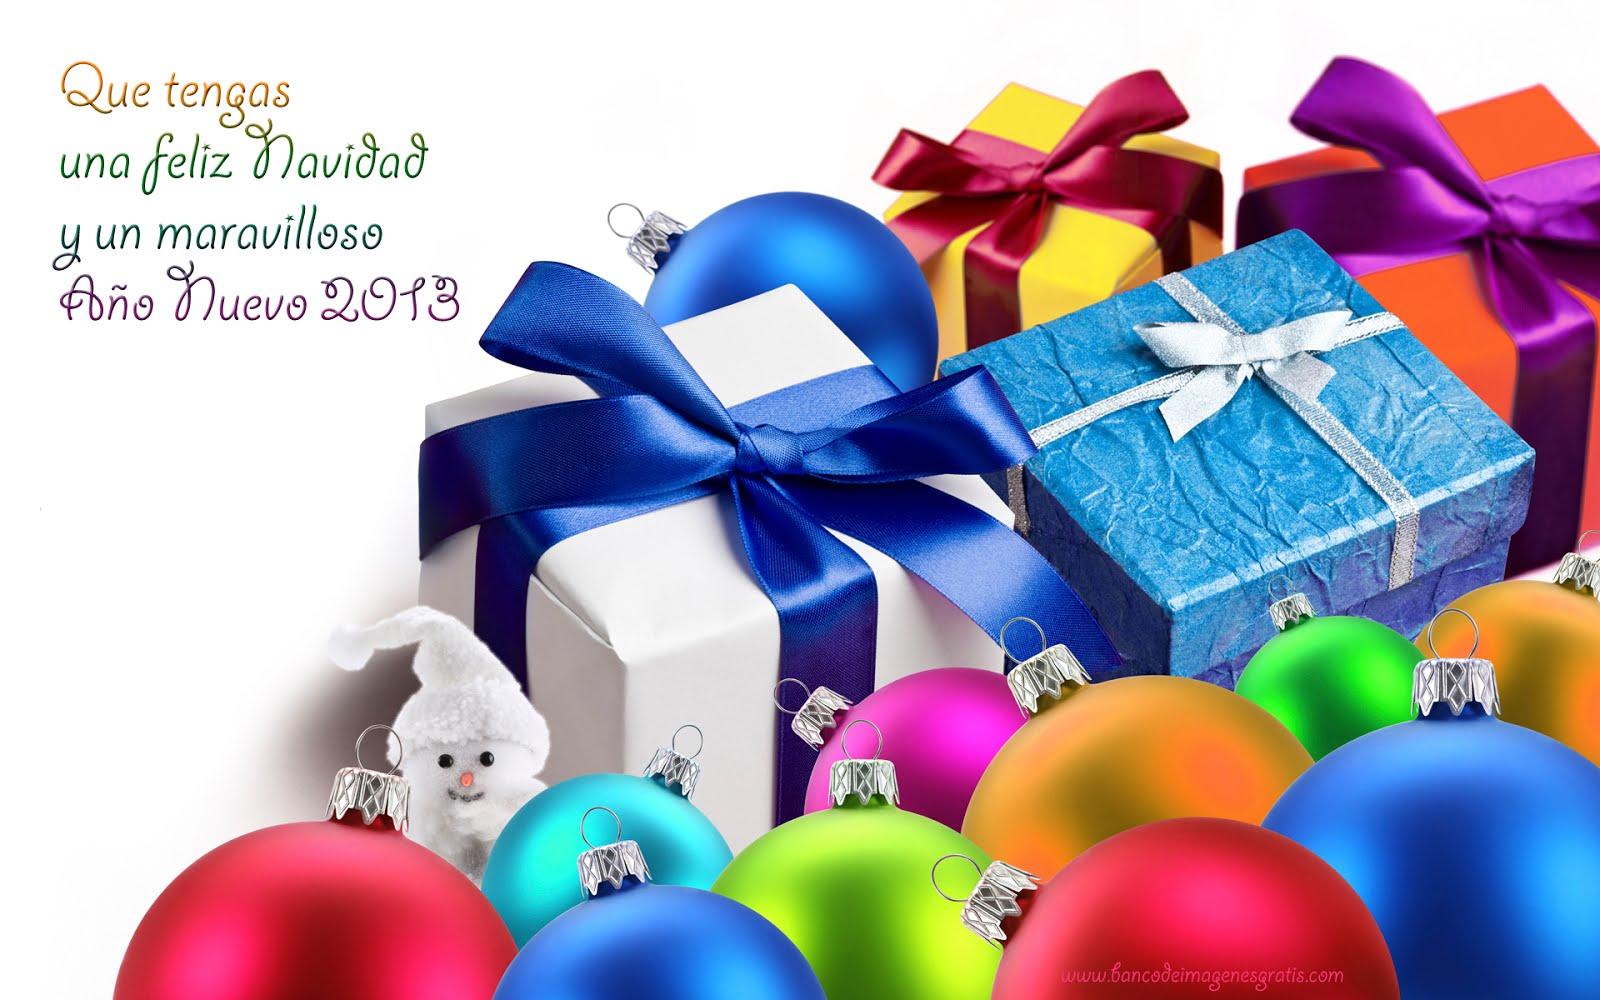 http://3.bp.blogspot.com/-uLEWFCIdrlo/UNH4mEhUMFI/AAAAAAAAEKE/mz4E1pnmGhQ/s1600/FONDOS+Y+WALLPAPERS+PARA+NAVIDAD+Y+ANO+NUEVO+2013.JPG